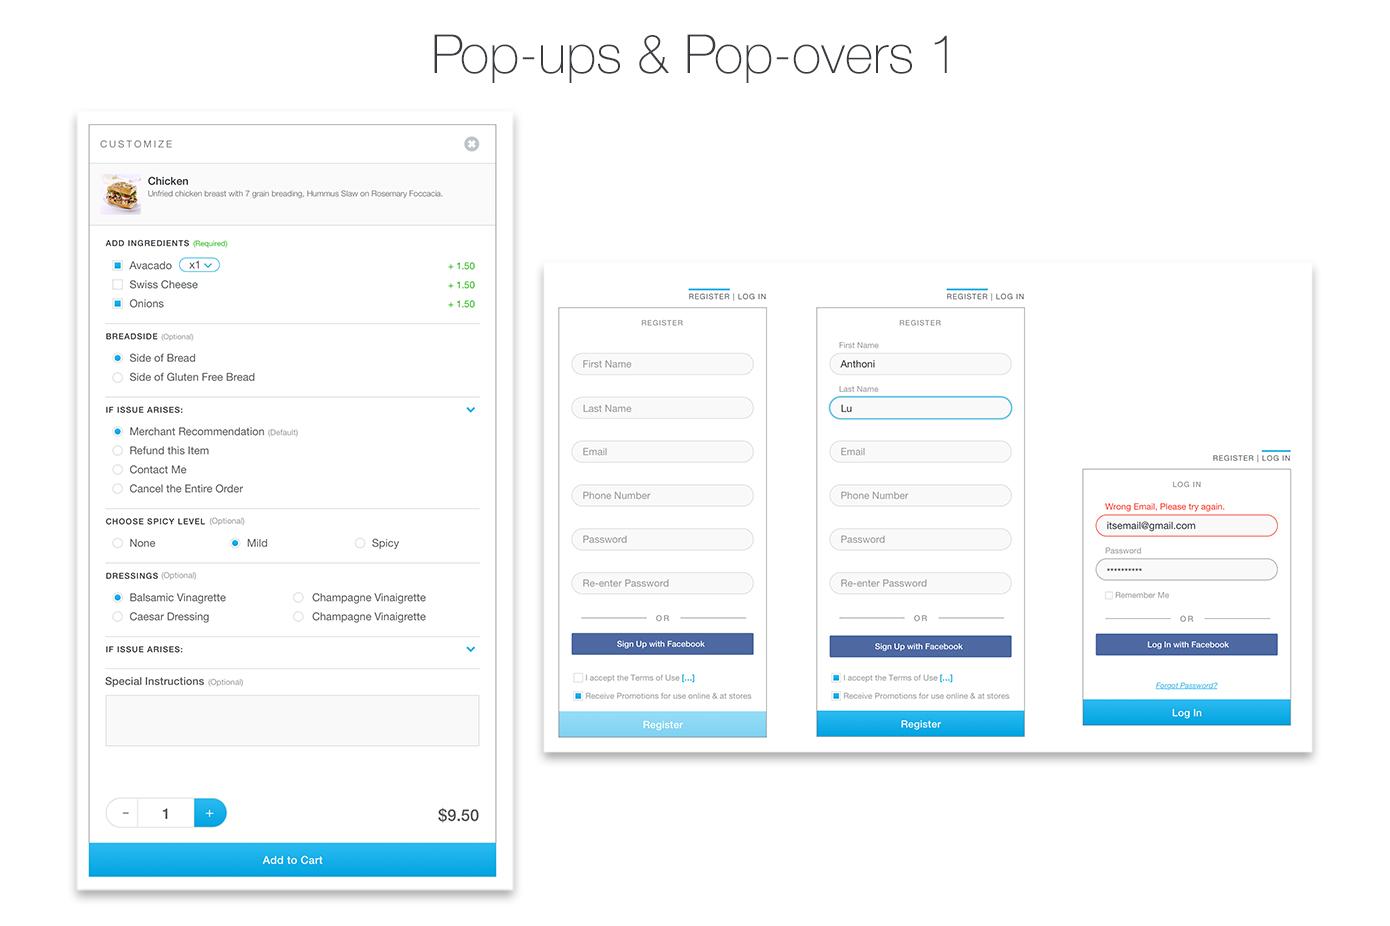 Pop-ups & Pop-overs Shot 1